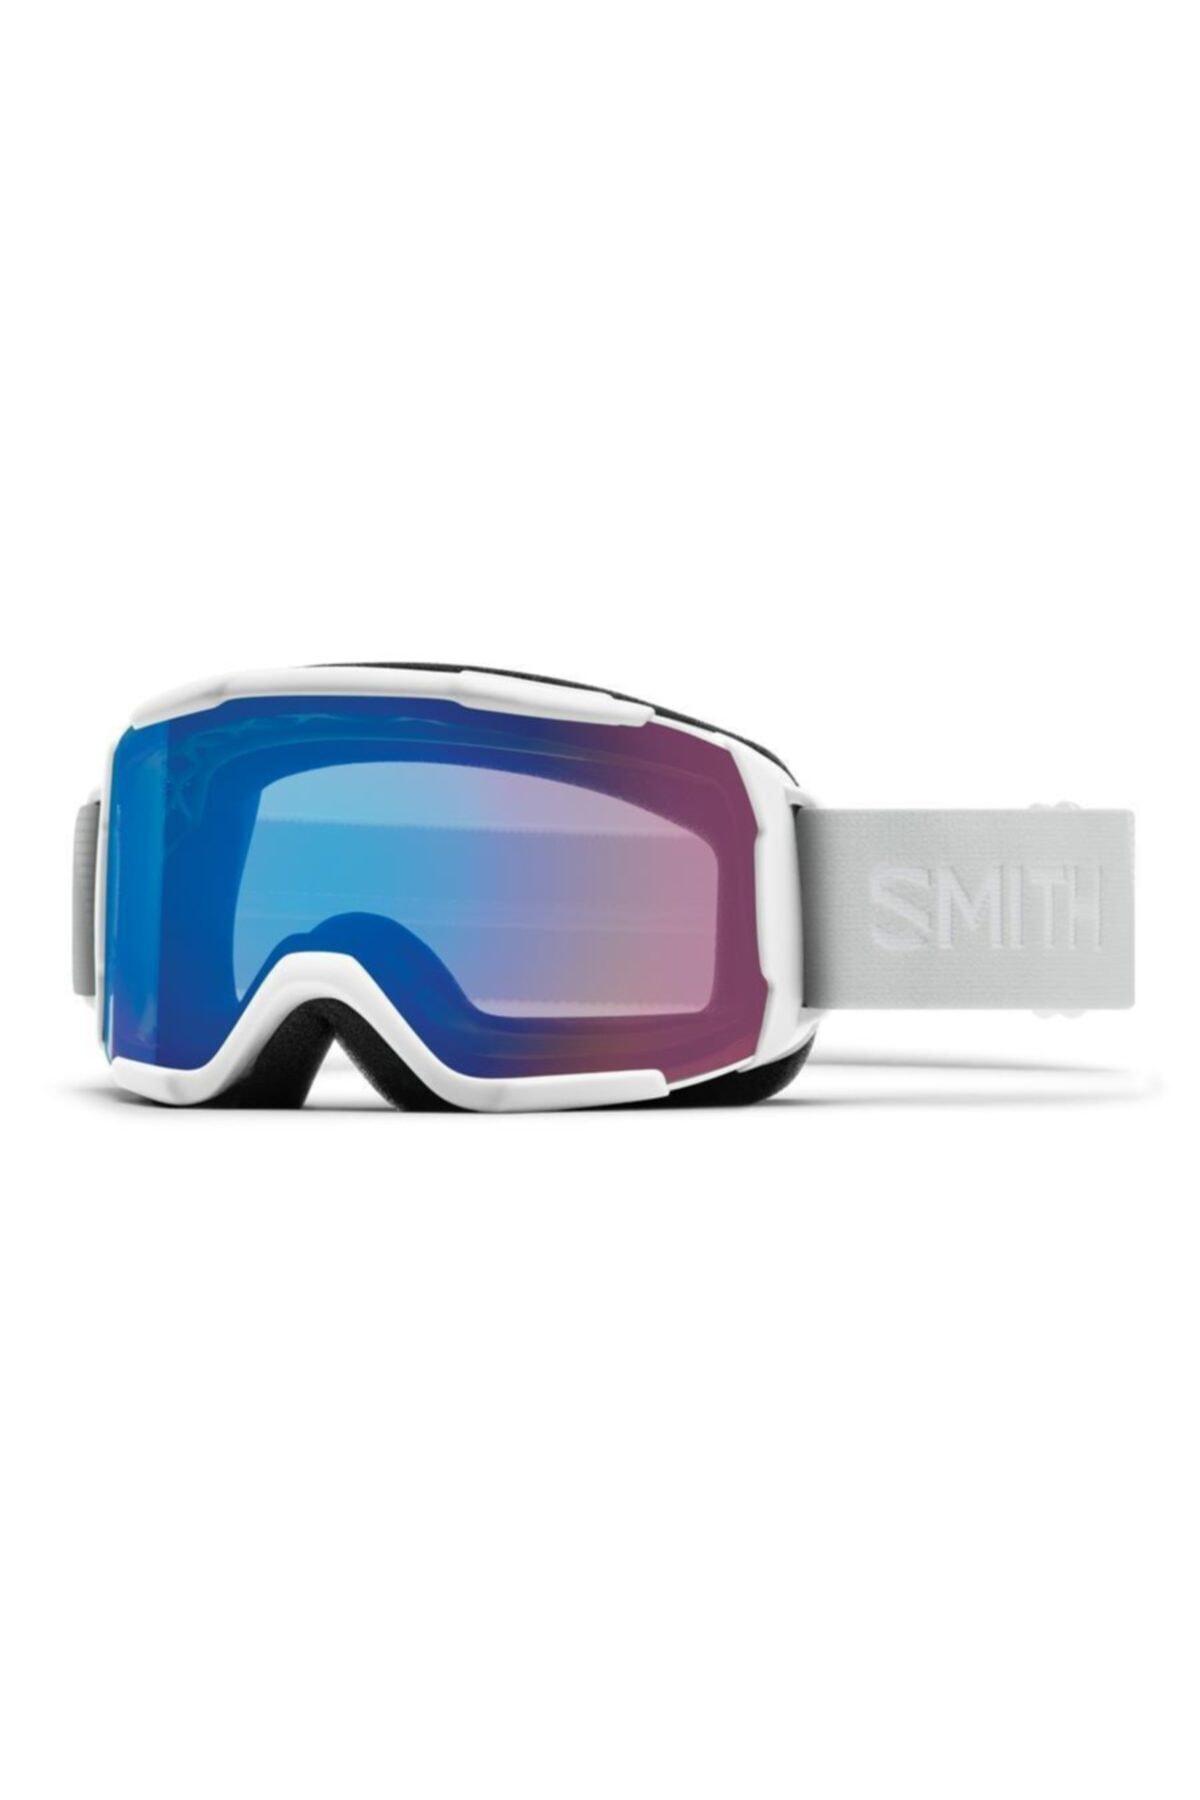 Smith Showcase Otg 033fmo S1 Kayak Gözlüğü 1